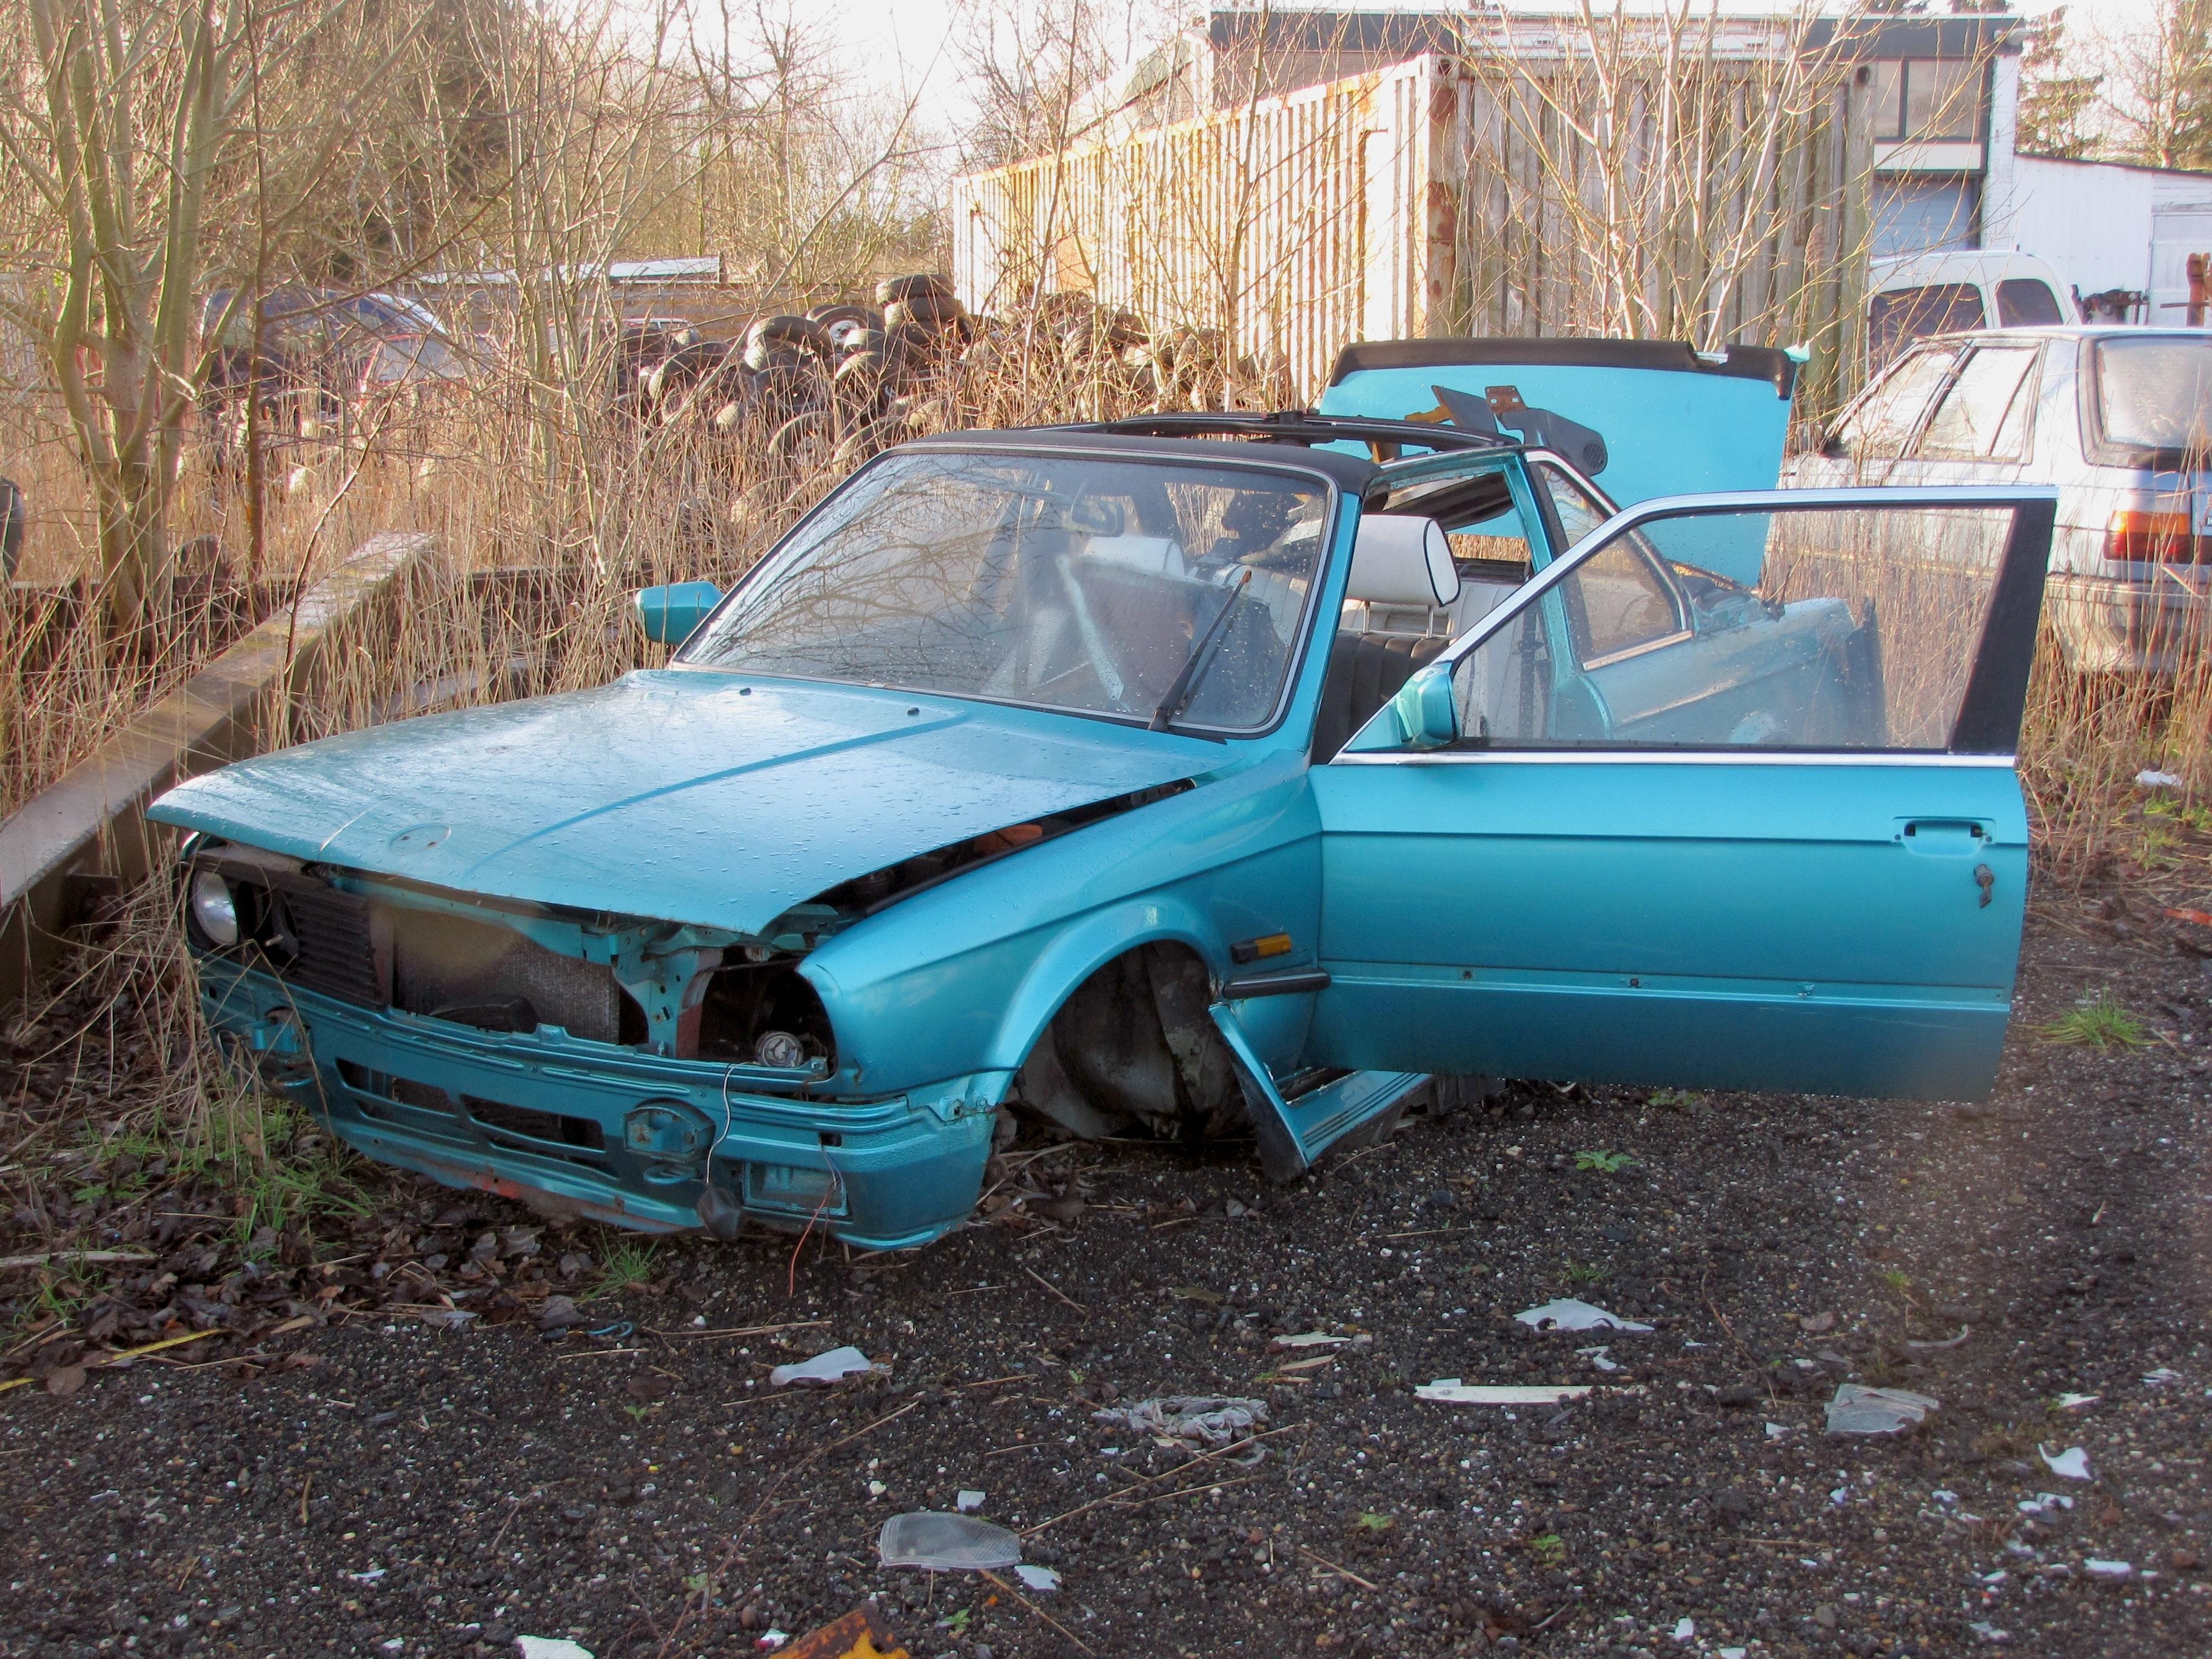 Free Images : vintage, blue, automotive, sports car, race car, ford ...